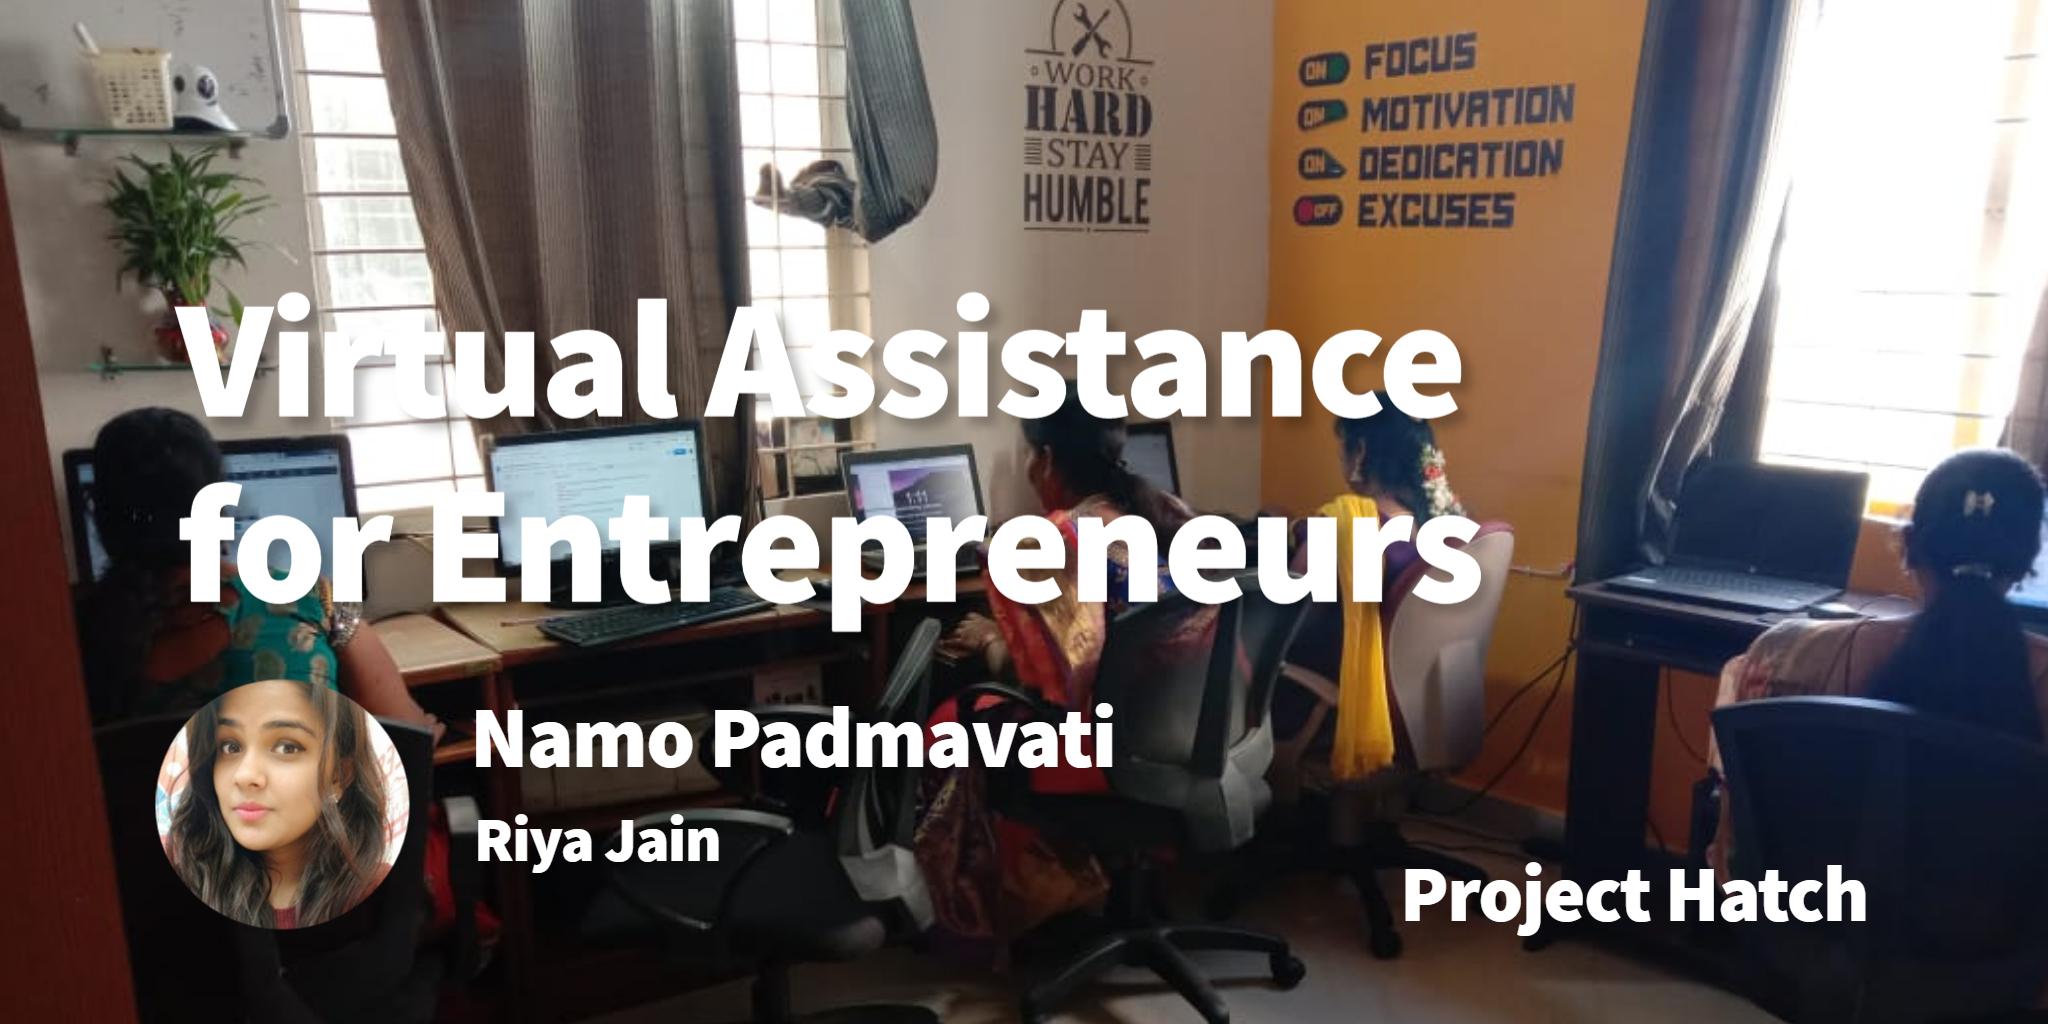 Namo Padmavati Riya Jain